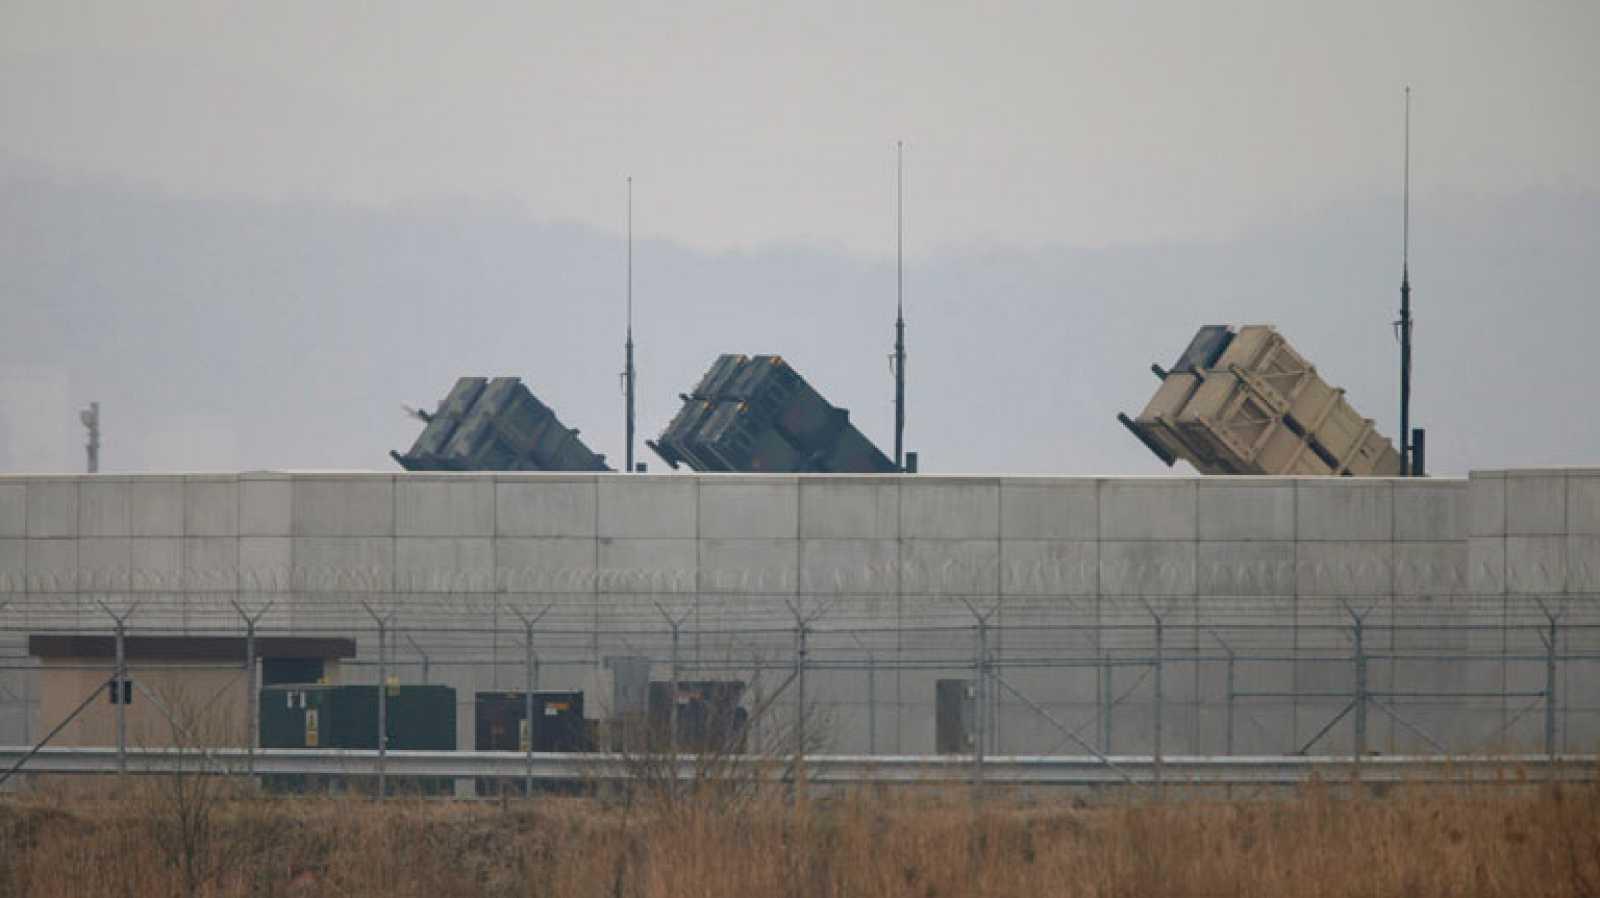 Corea del Norte recomienda evacuar las embajadas y Corea del Sur despliega sistemas antimisiles